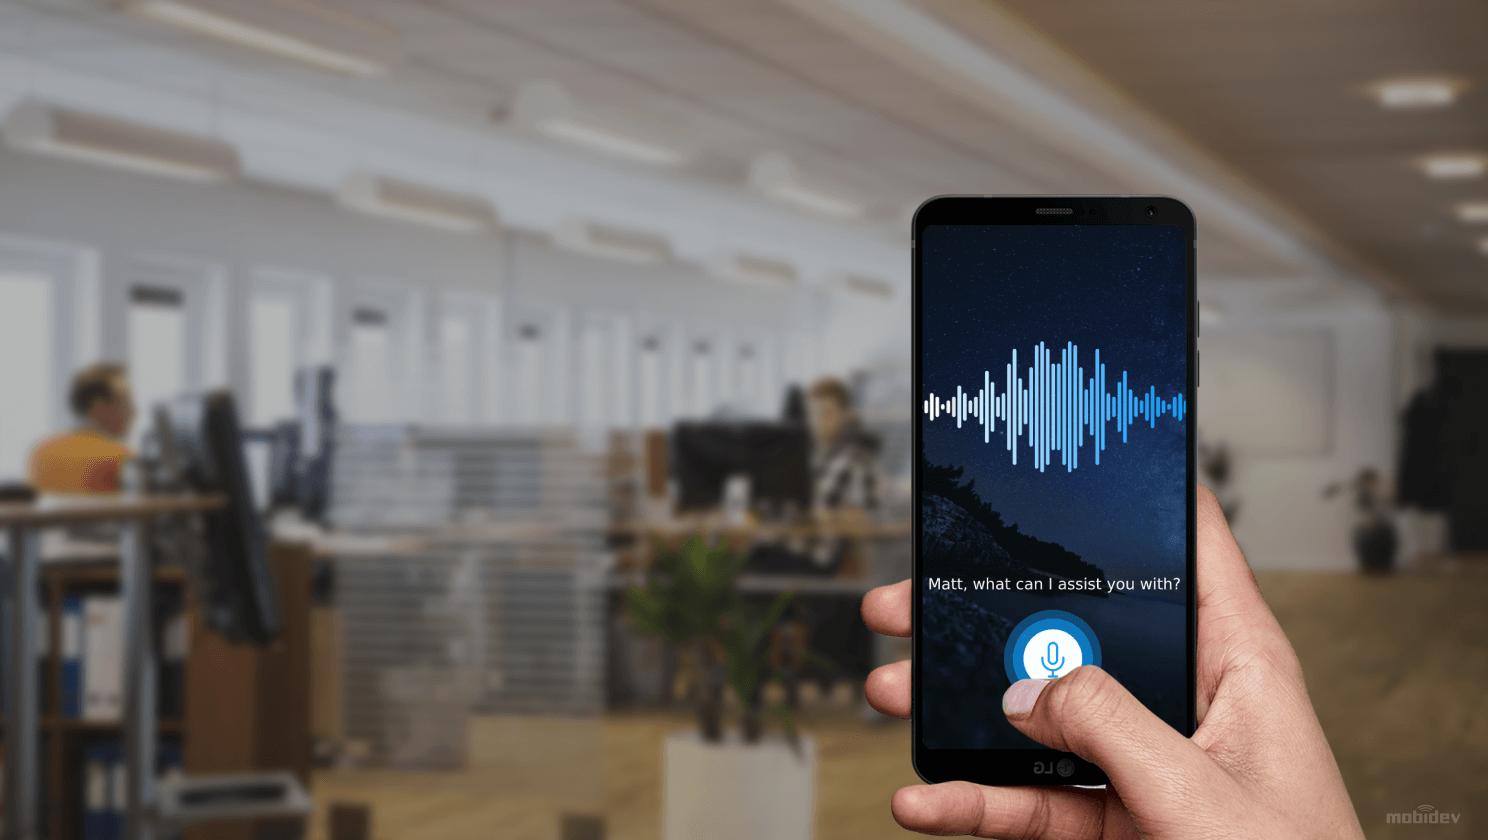 Voice Assistant Technology For Enterprise